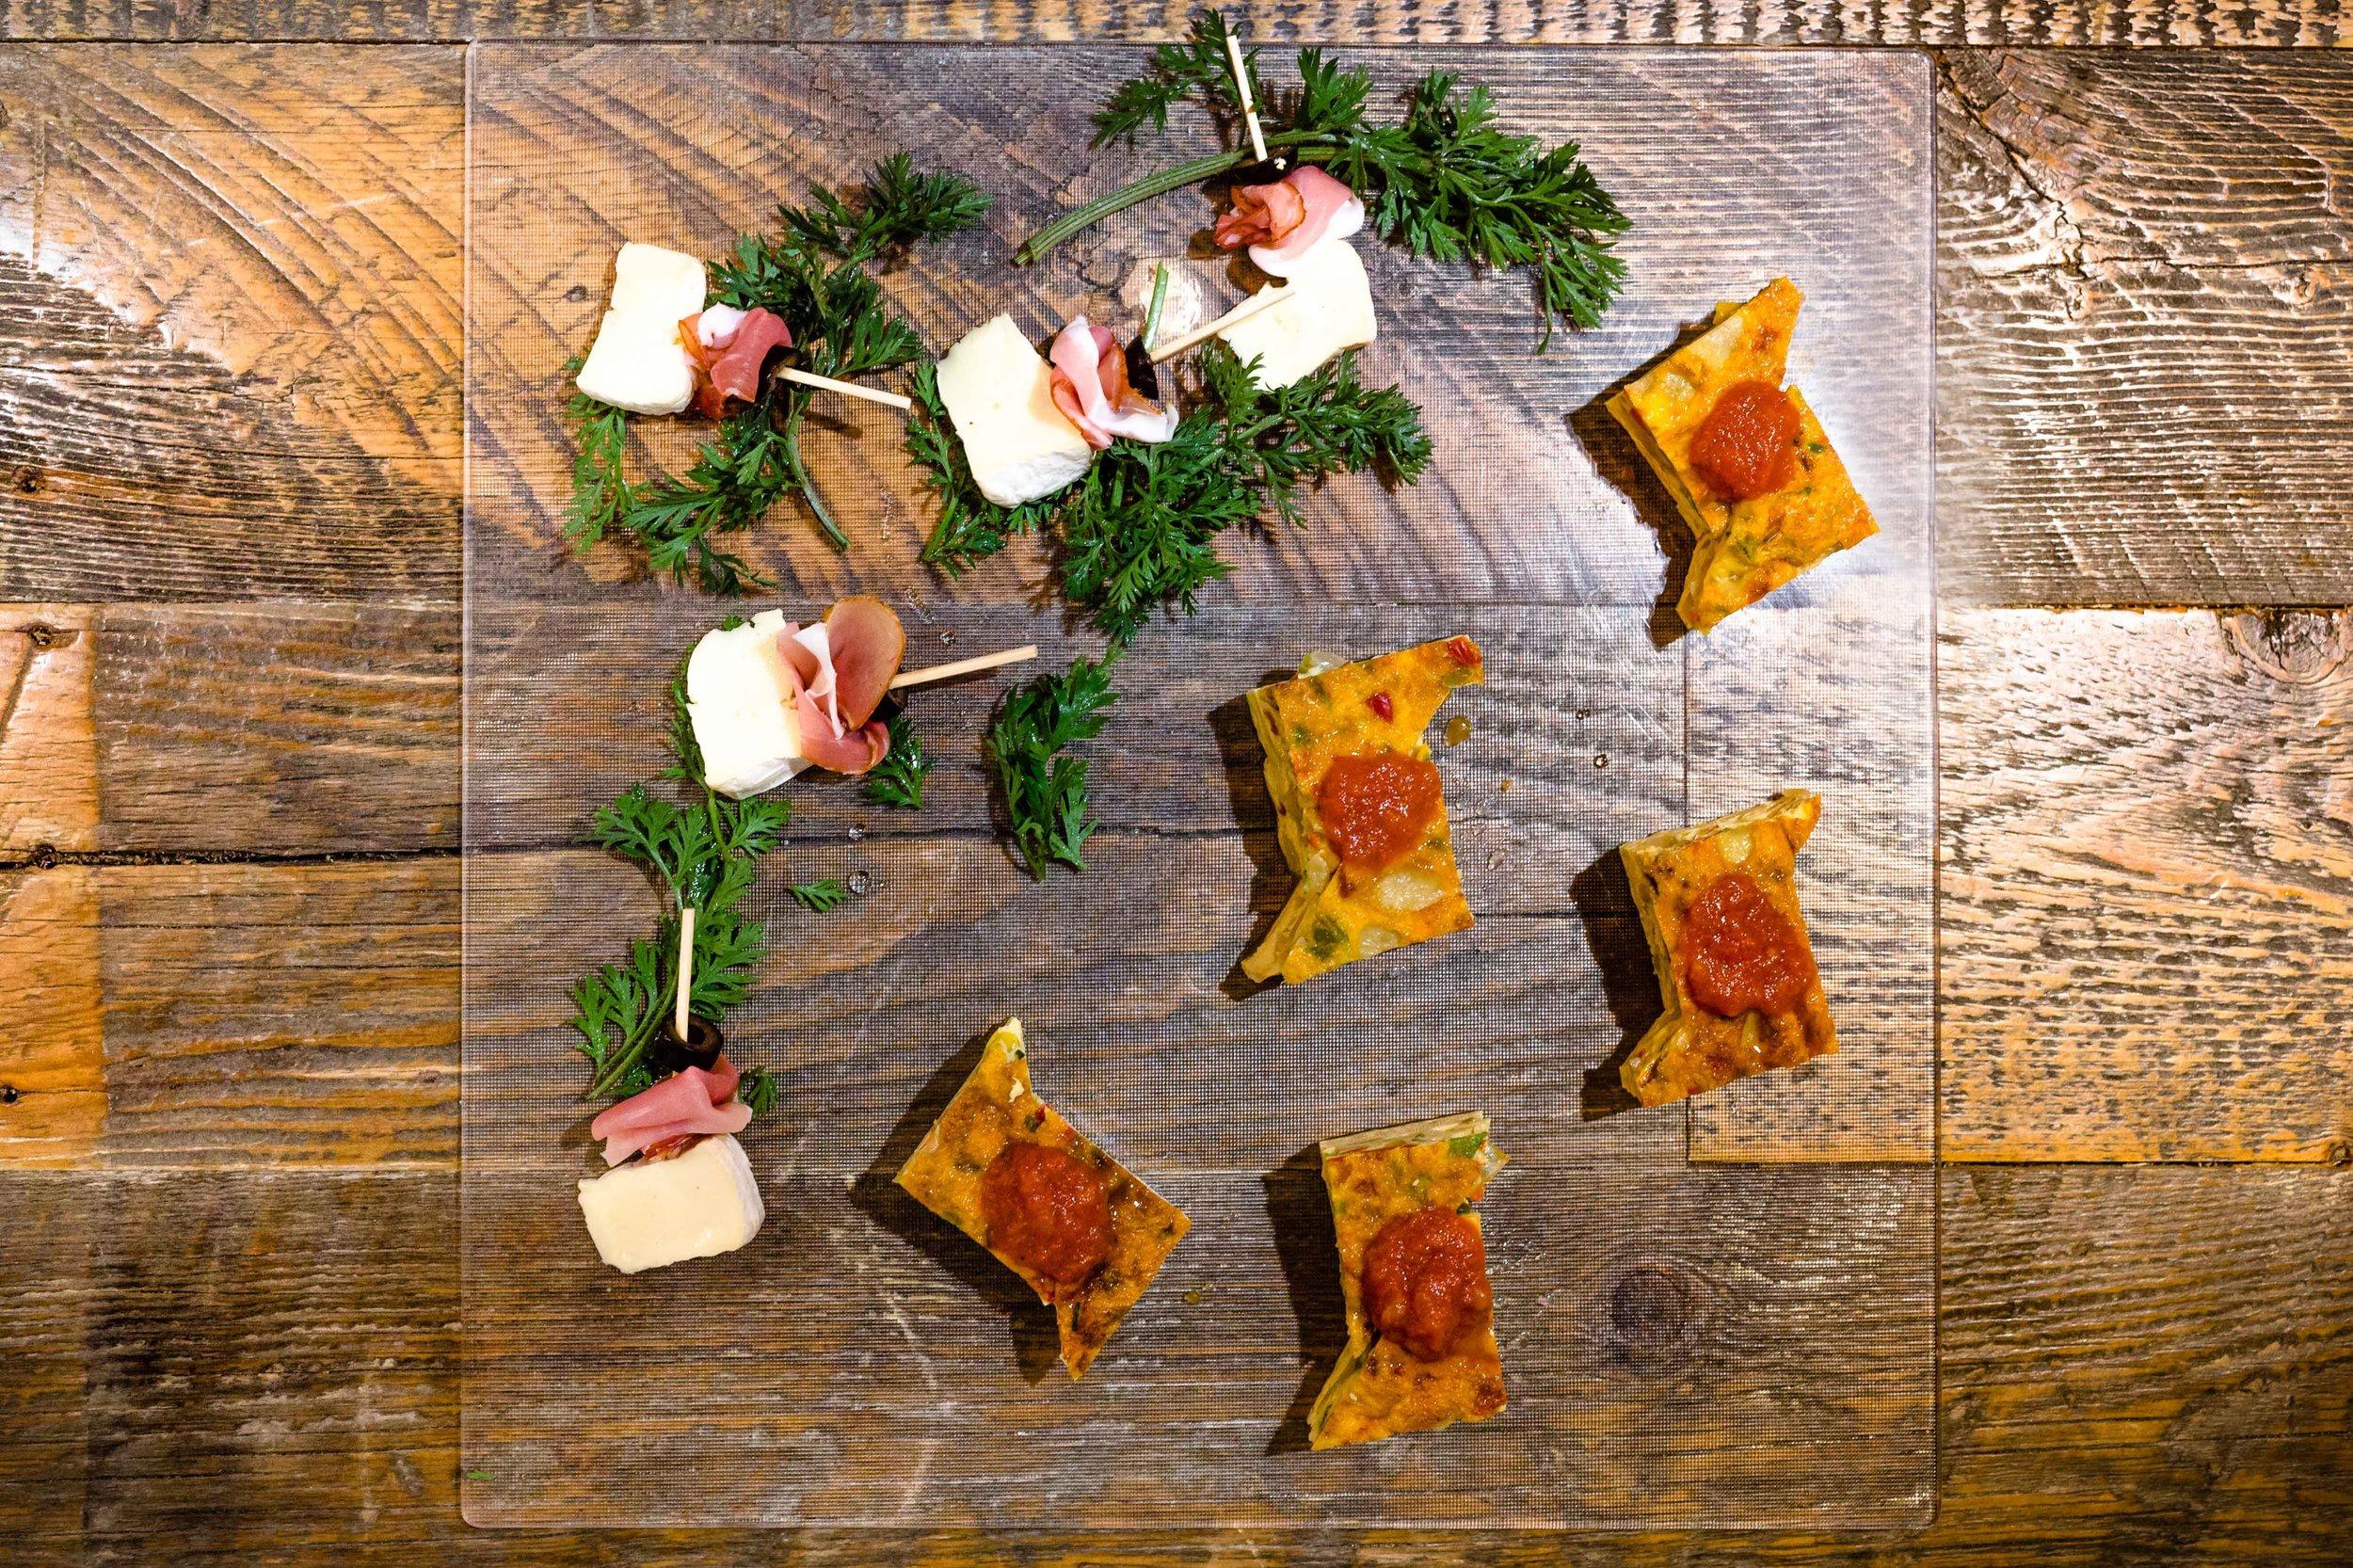 ピンチョスメニュー - 入荷により内容が異なる場合もございますのでオーダー時にご確認ください。ベジタリアン、ビーガン対応可能。プロシュートとオリーブ、チーズサラミとポテト小エビのマリネと季節野菜スパニッシュオムレツスモークサーモンとキュウリのタルティーヌミニトマトのカプレーゼ季節野菜のフリットとドライトマトスパイシーチキンとレモン、ポテト